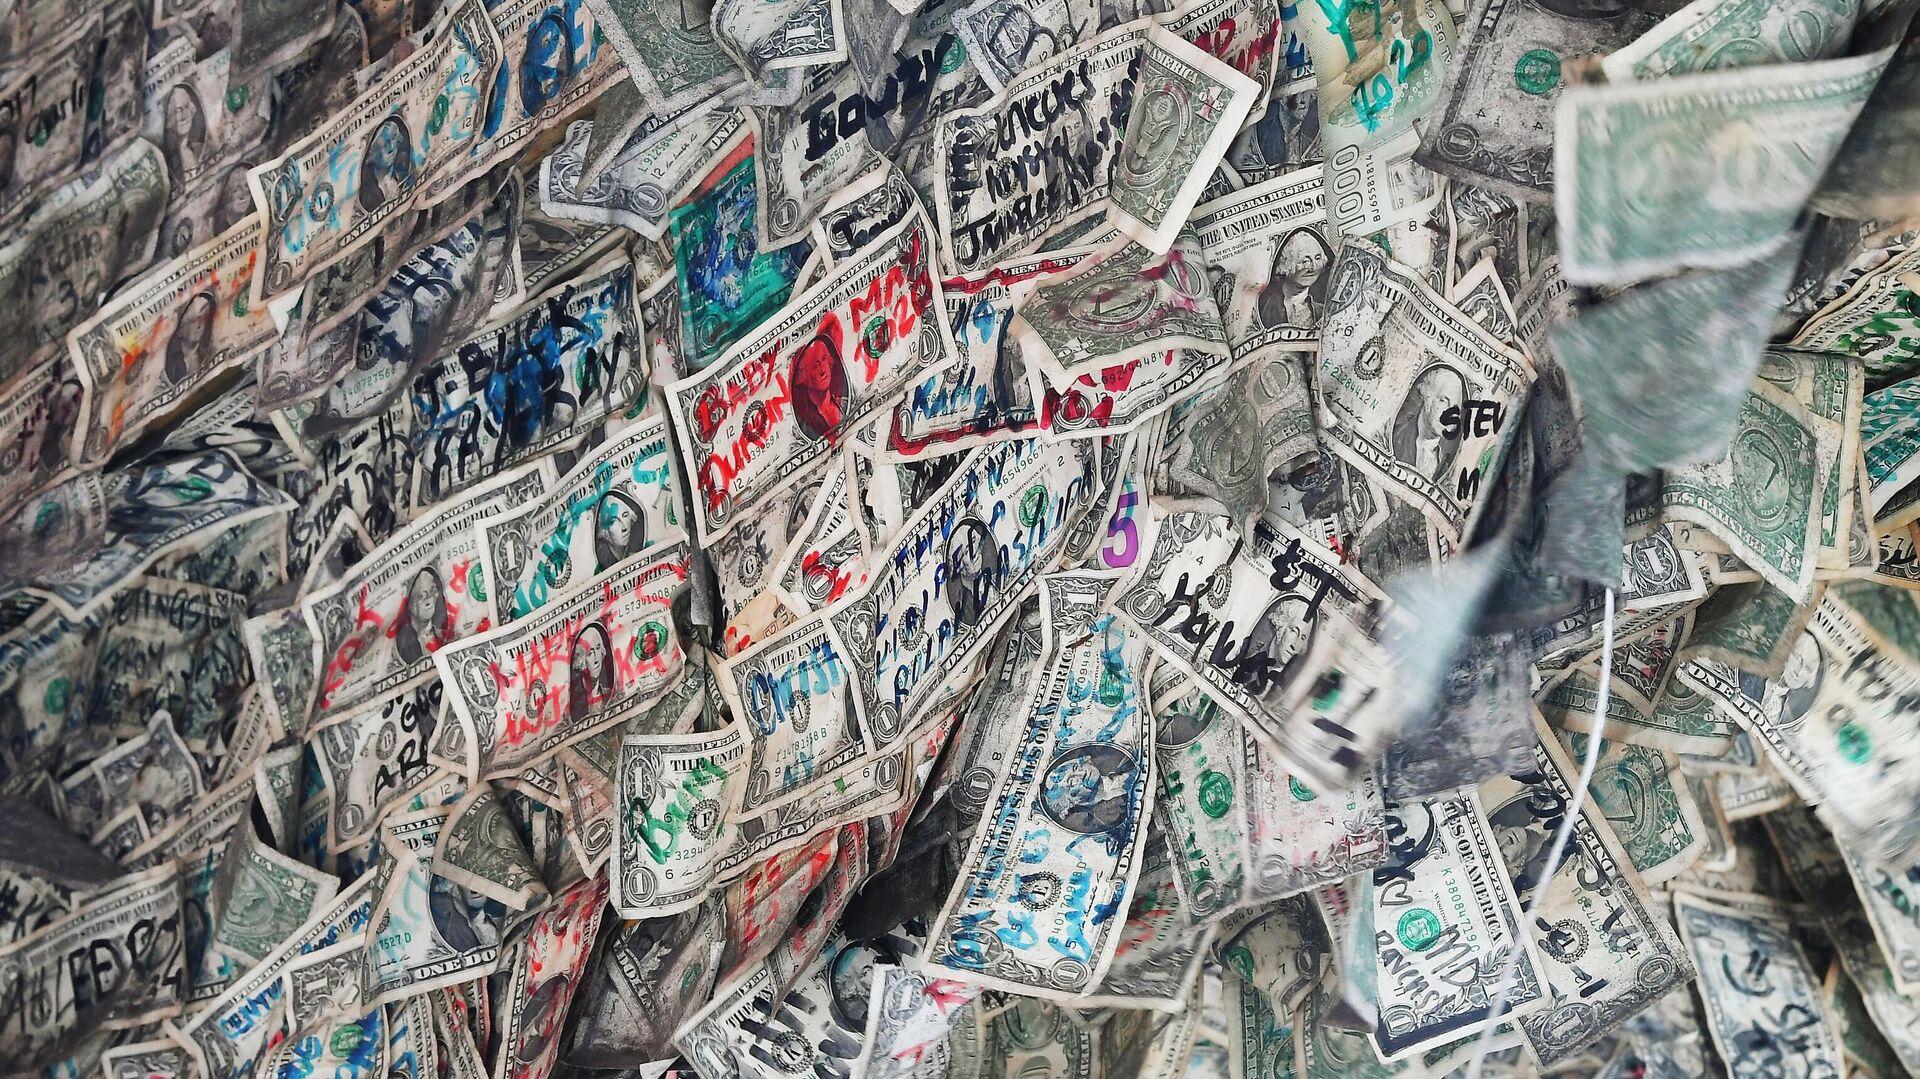 Банкноты, использованные в интерьере кафе на острове Ки-Уэст в штате Флорида - РИА Новости, 1920, 20.08.2020